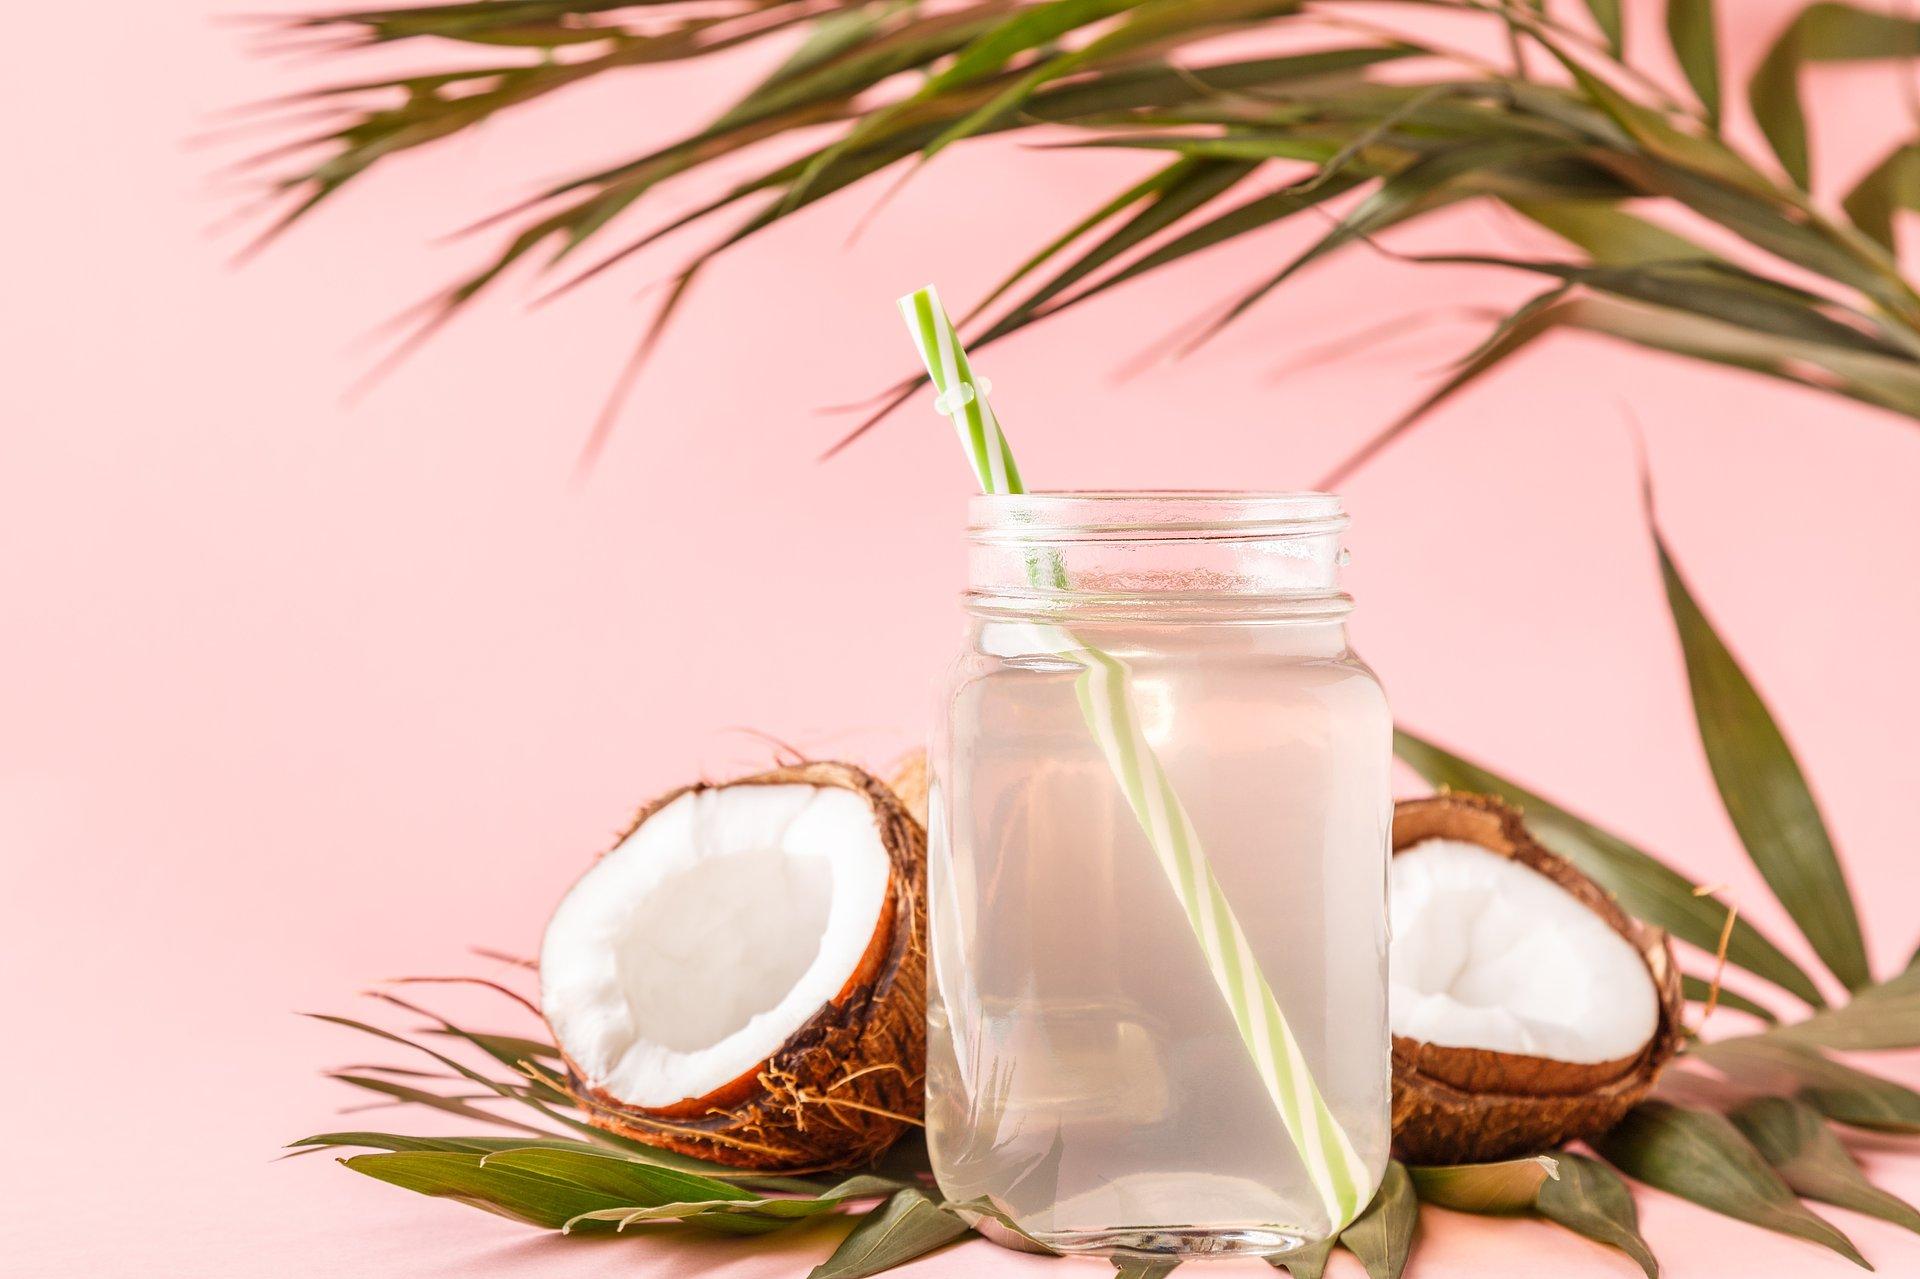 Woda kokosowa - nektar zdrowia i młodości. Sprawdź jak działa ten cudowny napój!